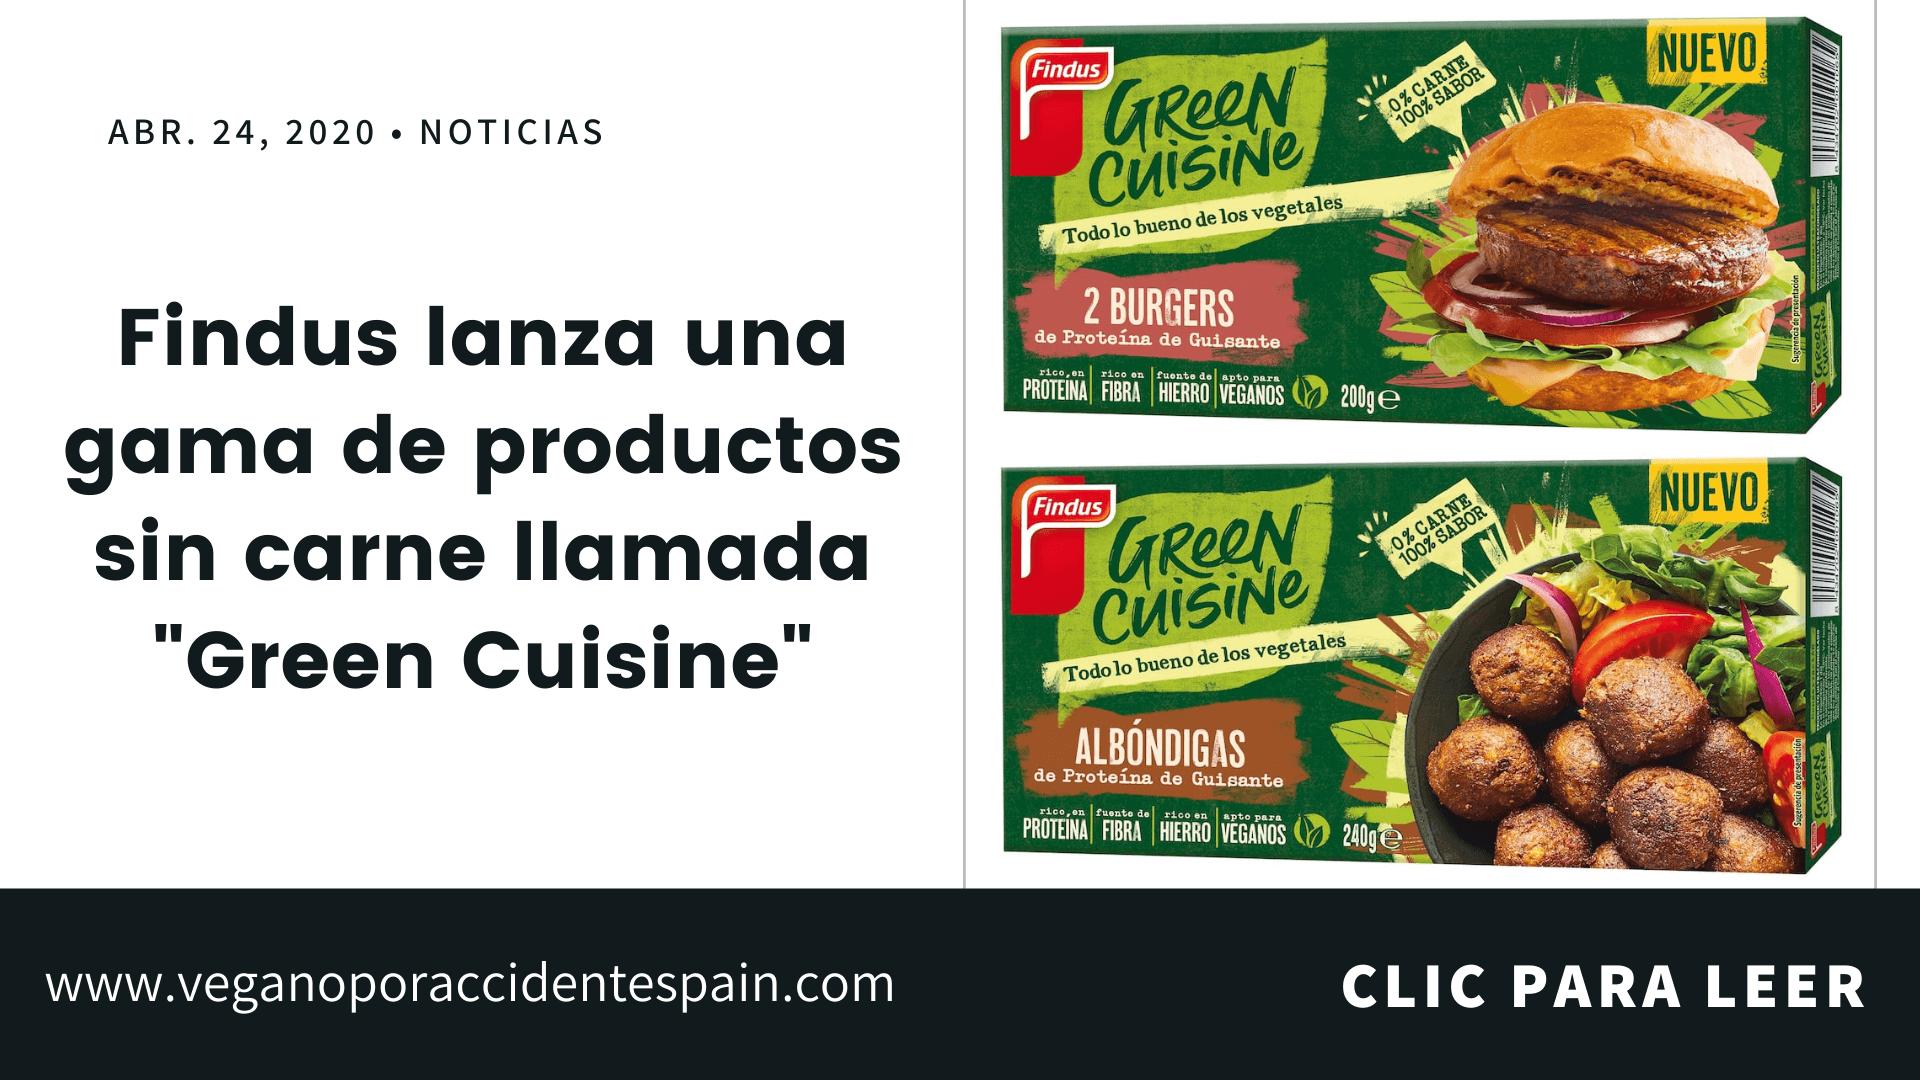 Green Cuisine Findus vegano